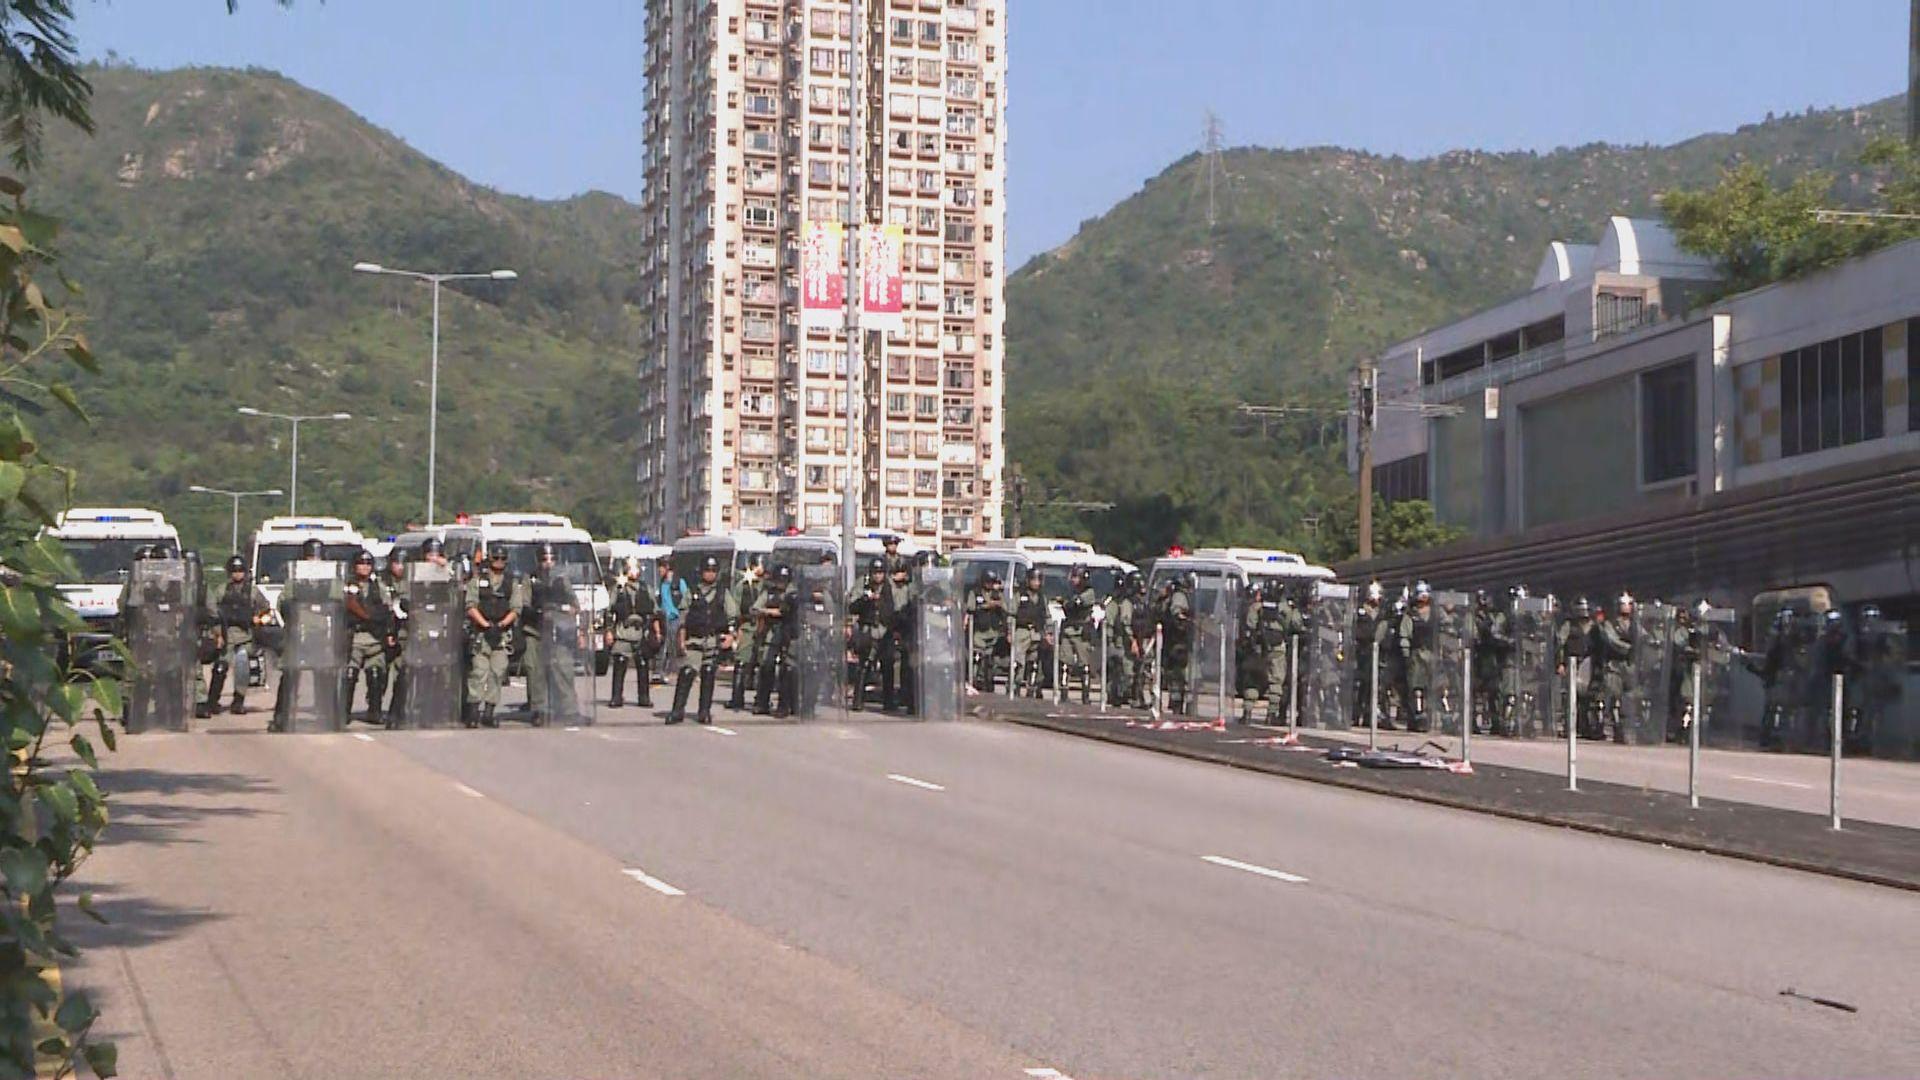 【現場報道】防暴警察在杯渡路屯門公路一帶戒備